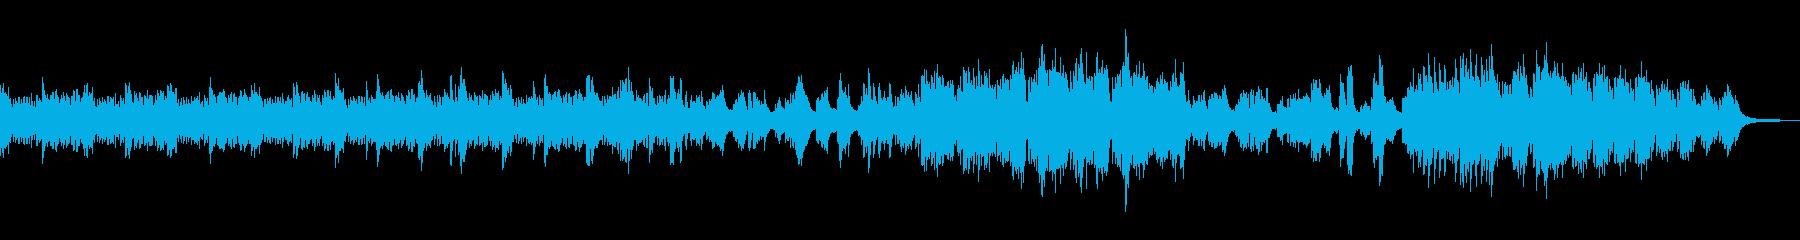 静かで感動的なピアノソロの再生済みの波形